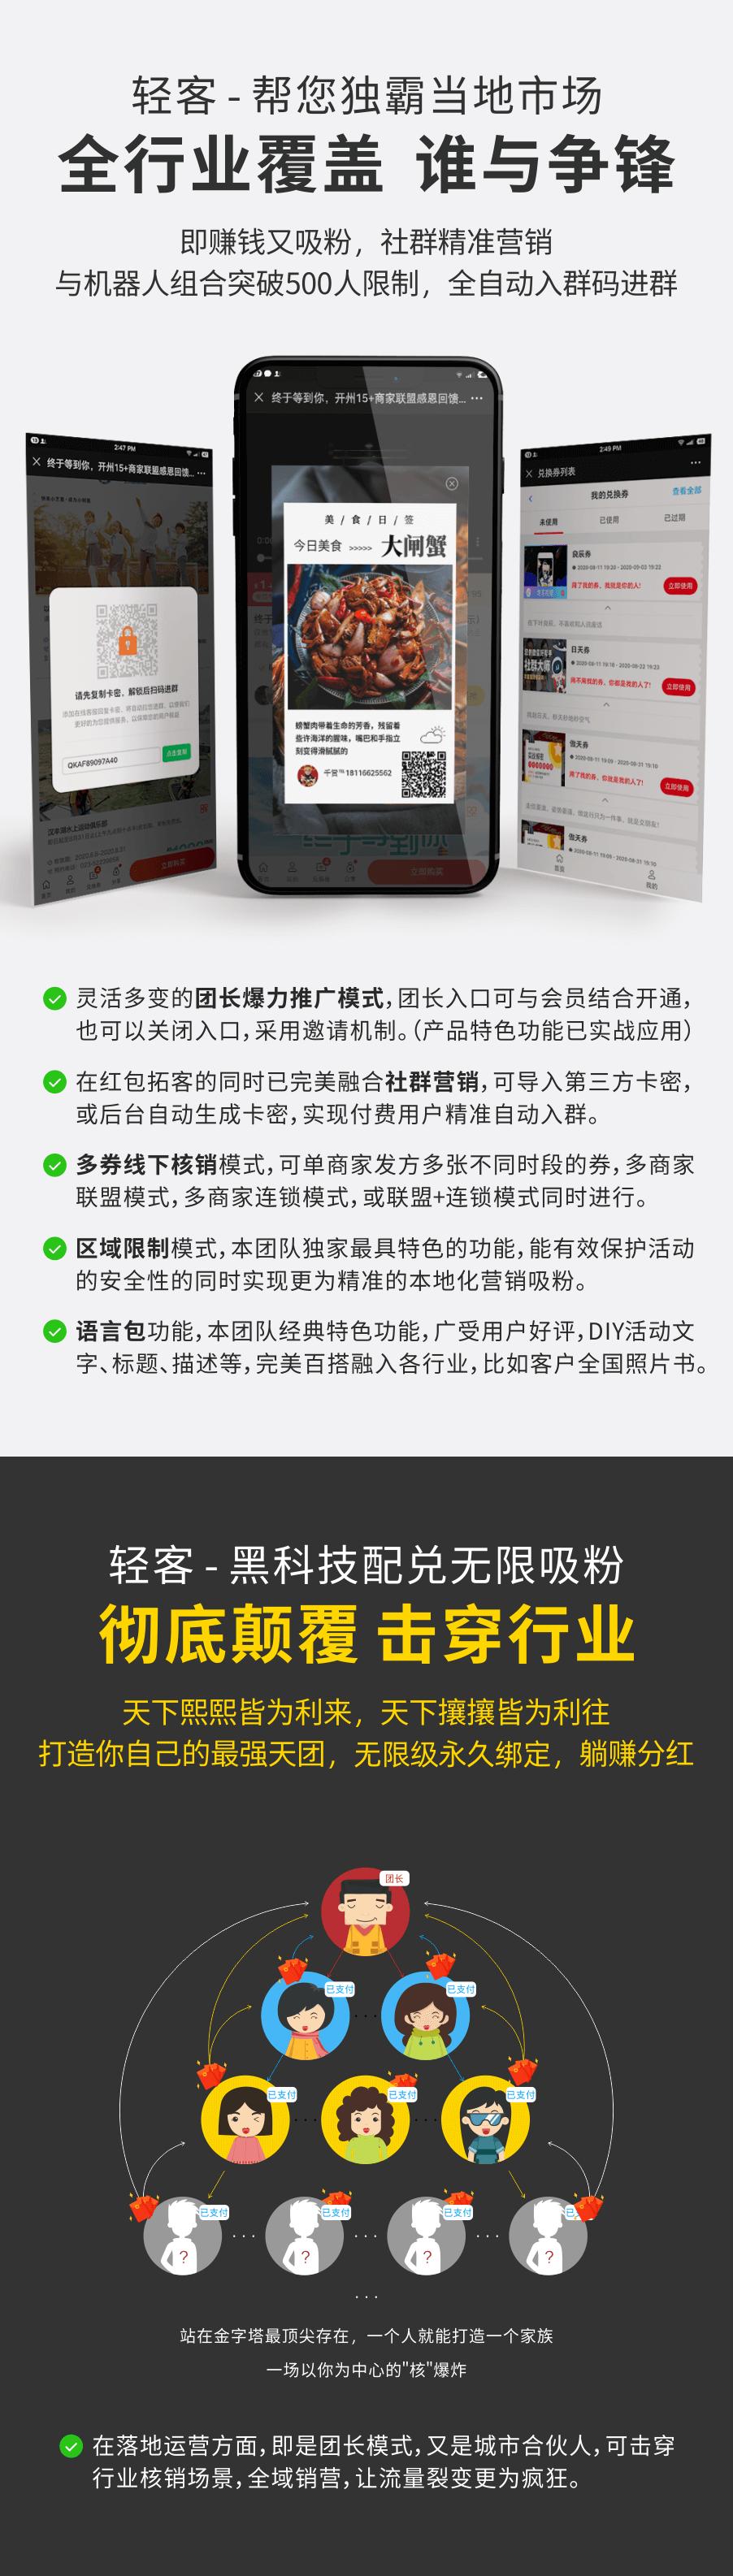 轻客海报2020原_03.png